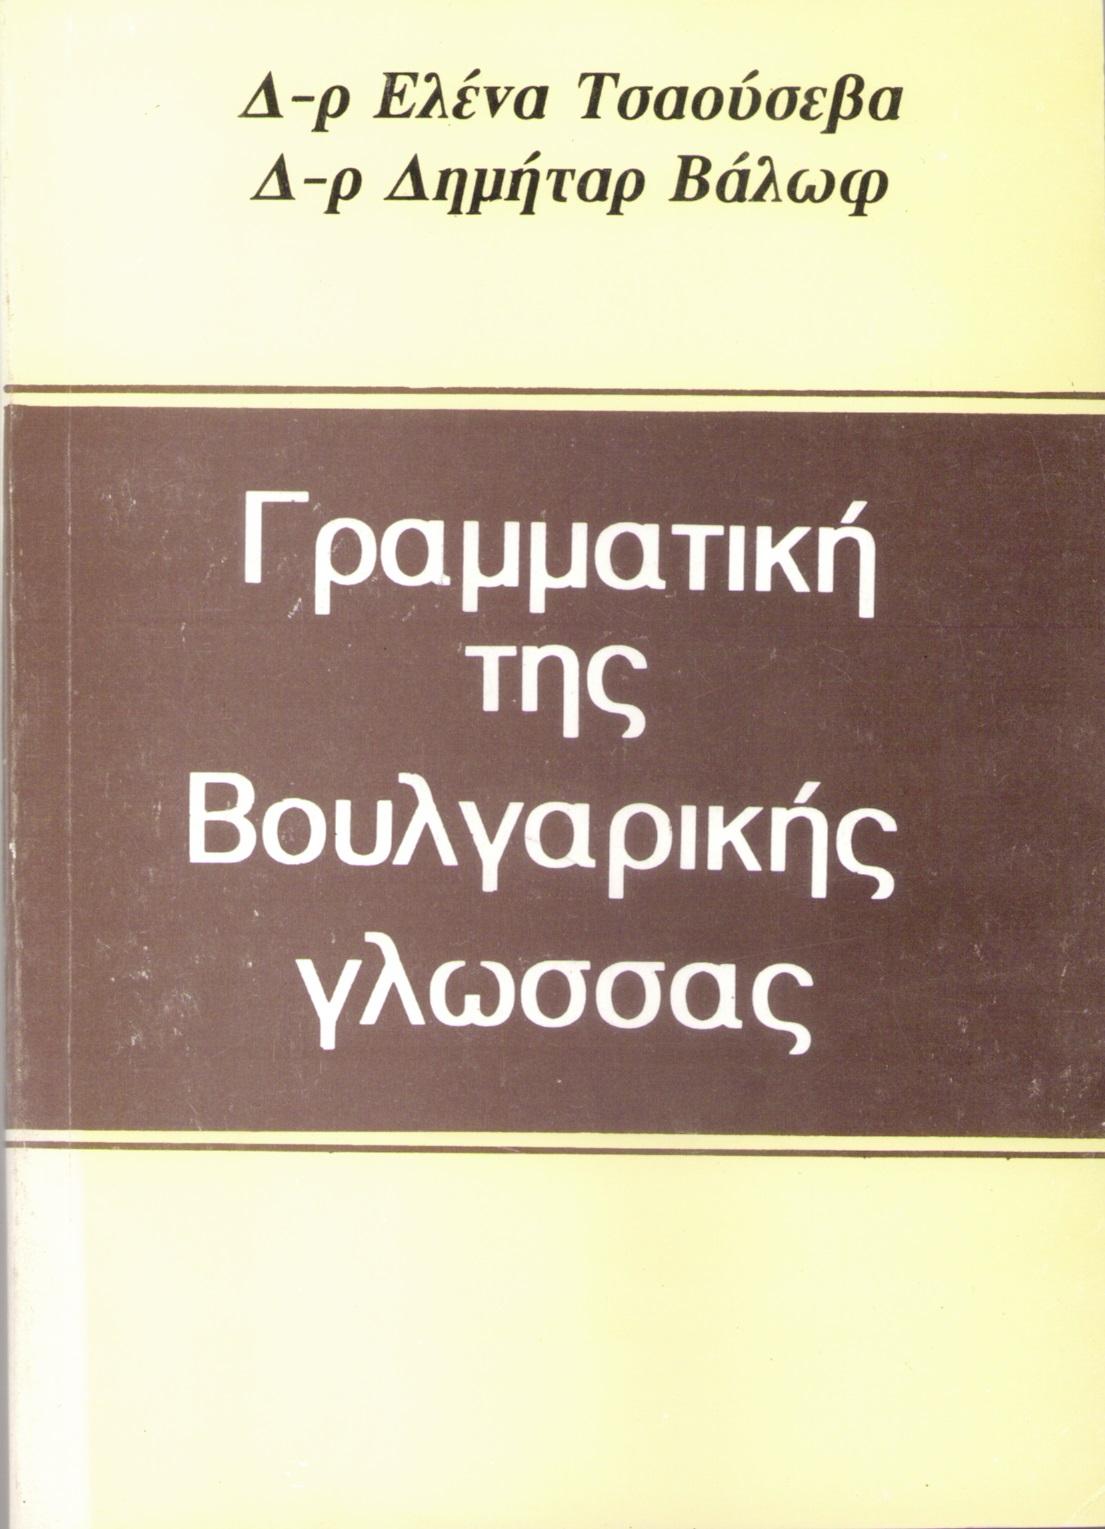 Γραμματική της Βουλγαρικής γλώσσας - Граматика на българския език за гръцкоговорящи